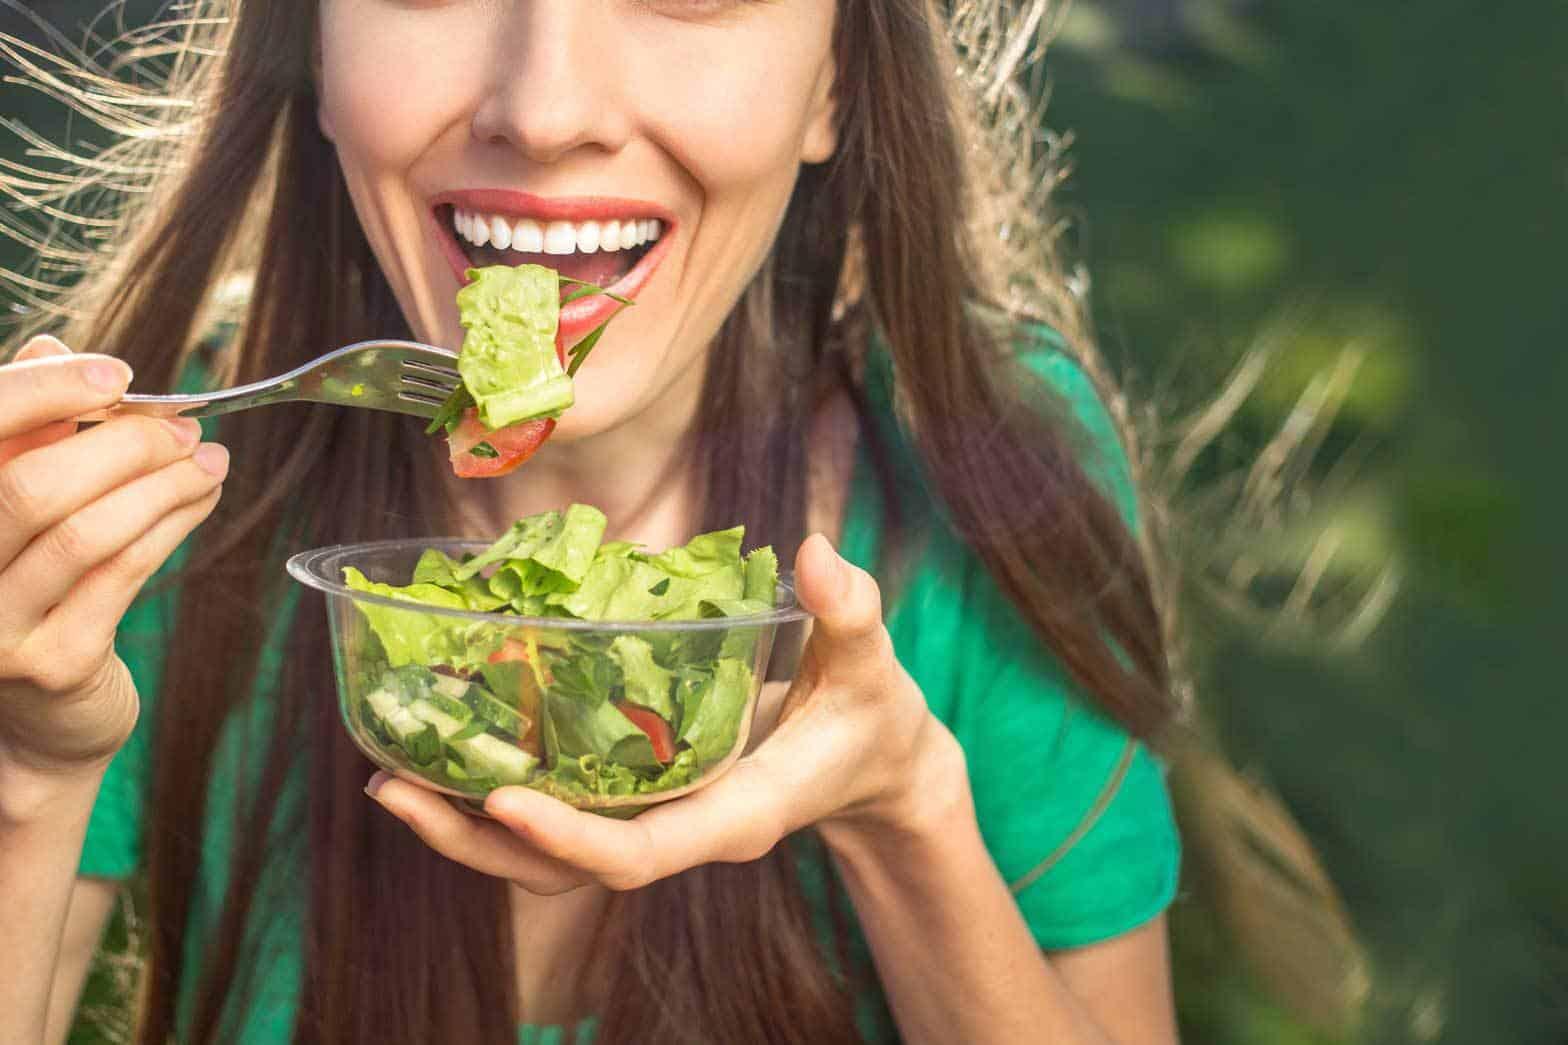 Junge Frau mit langen braunen Haaren hält eine kleine Glasschüssel mit Salat in der linken Hand und führt mit der rechten Hand eine Gabel Richtung Mund, sie macht sich Gedanken über den Einfluss von Ernährung auf die Zähne